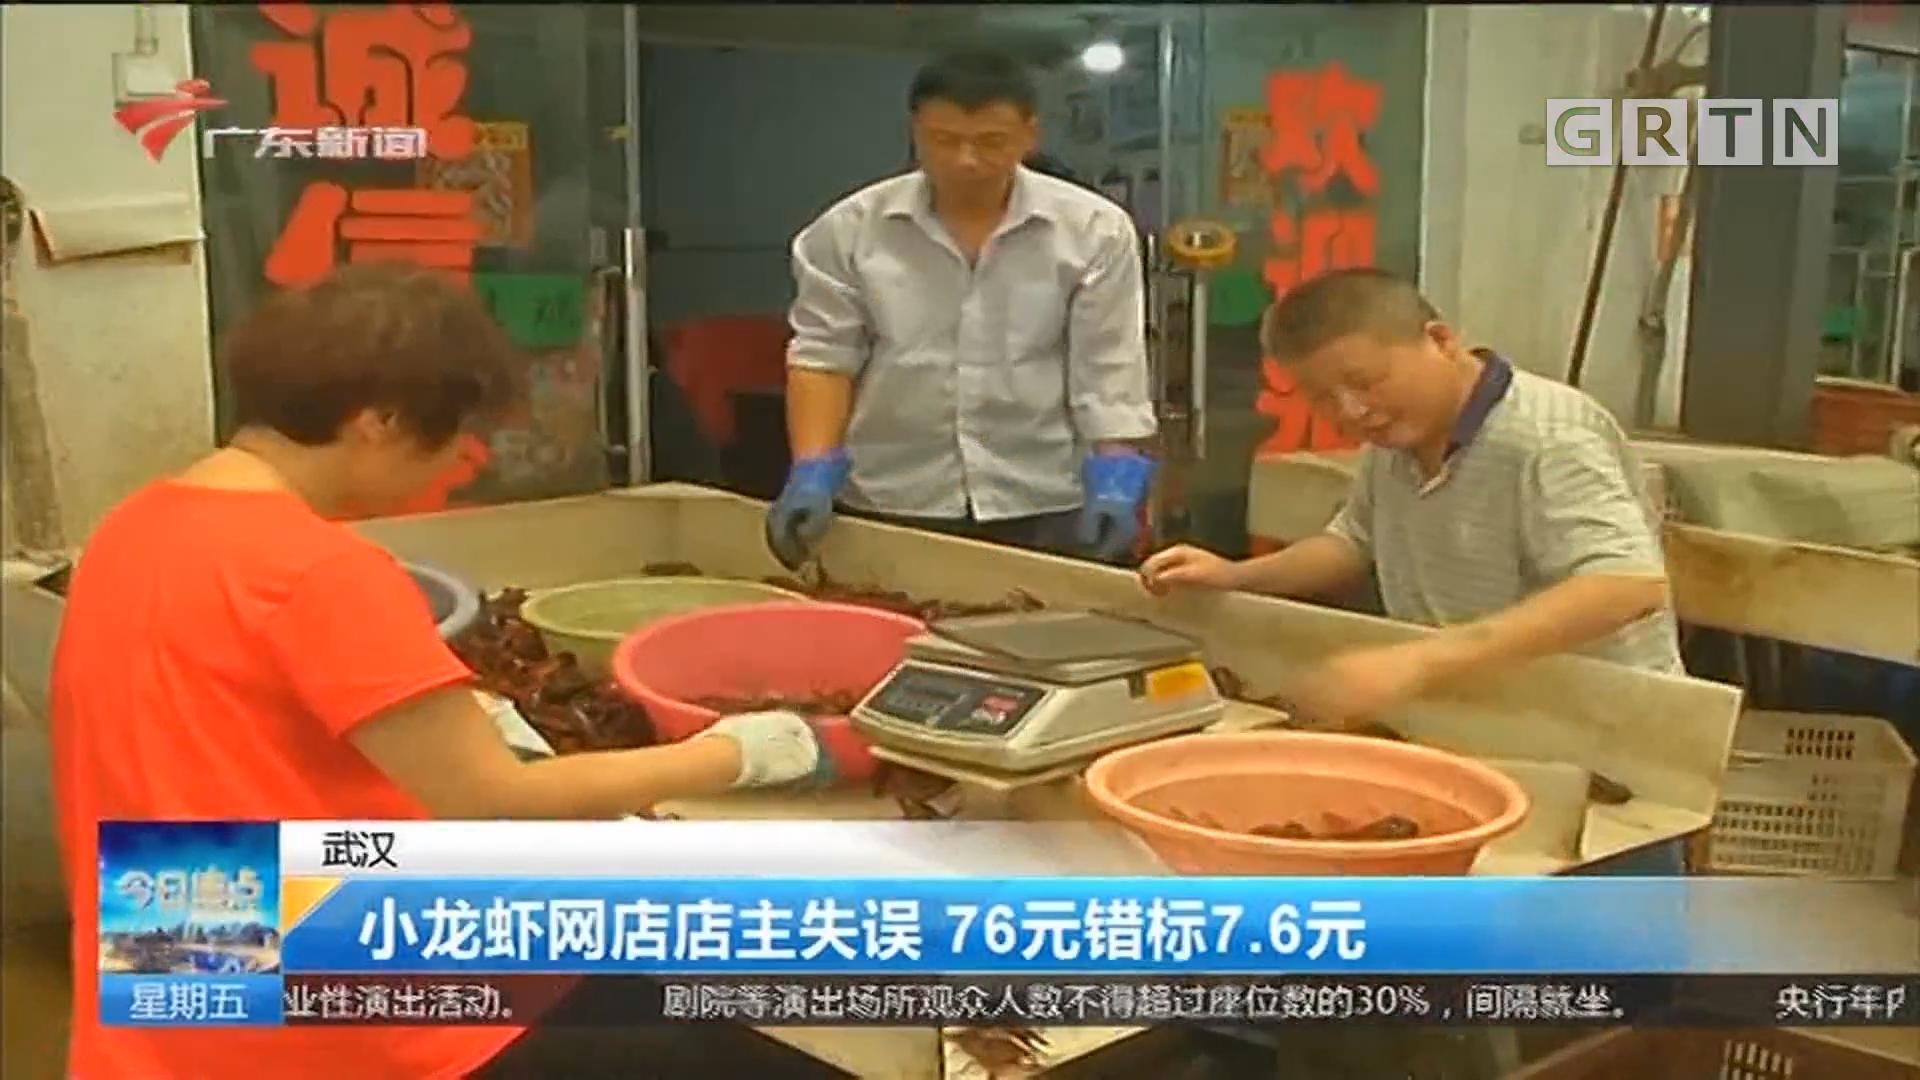 武汉:小龙虾网店店主失误 76元错标7.6元